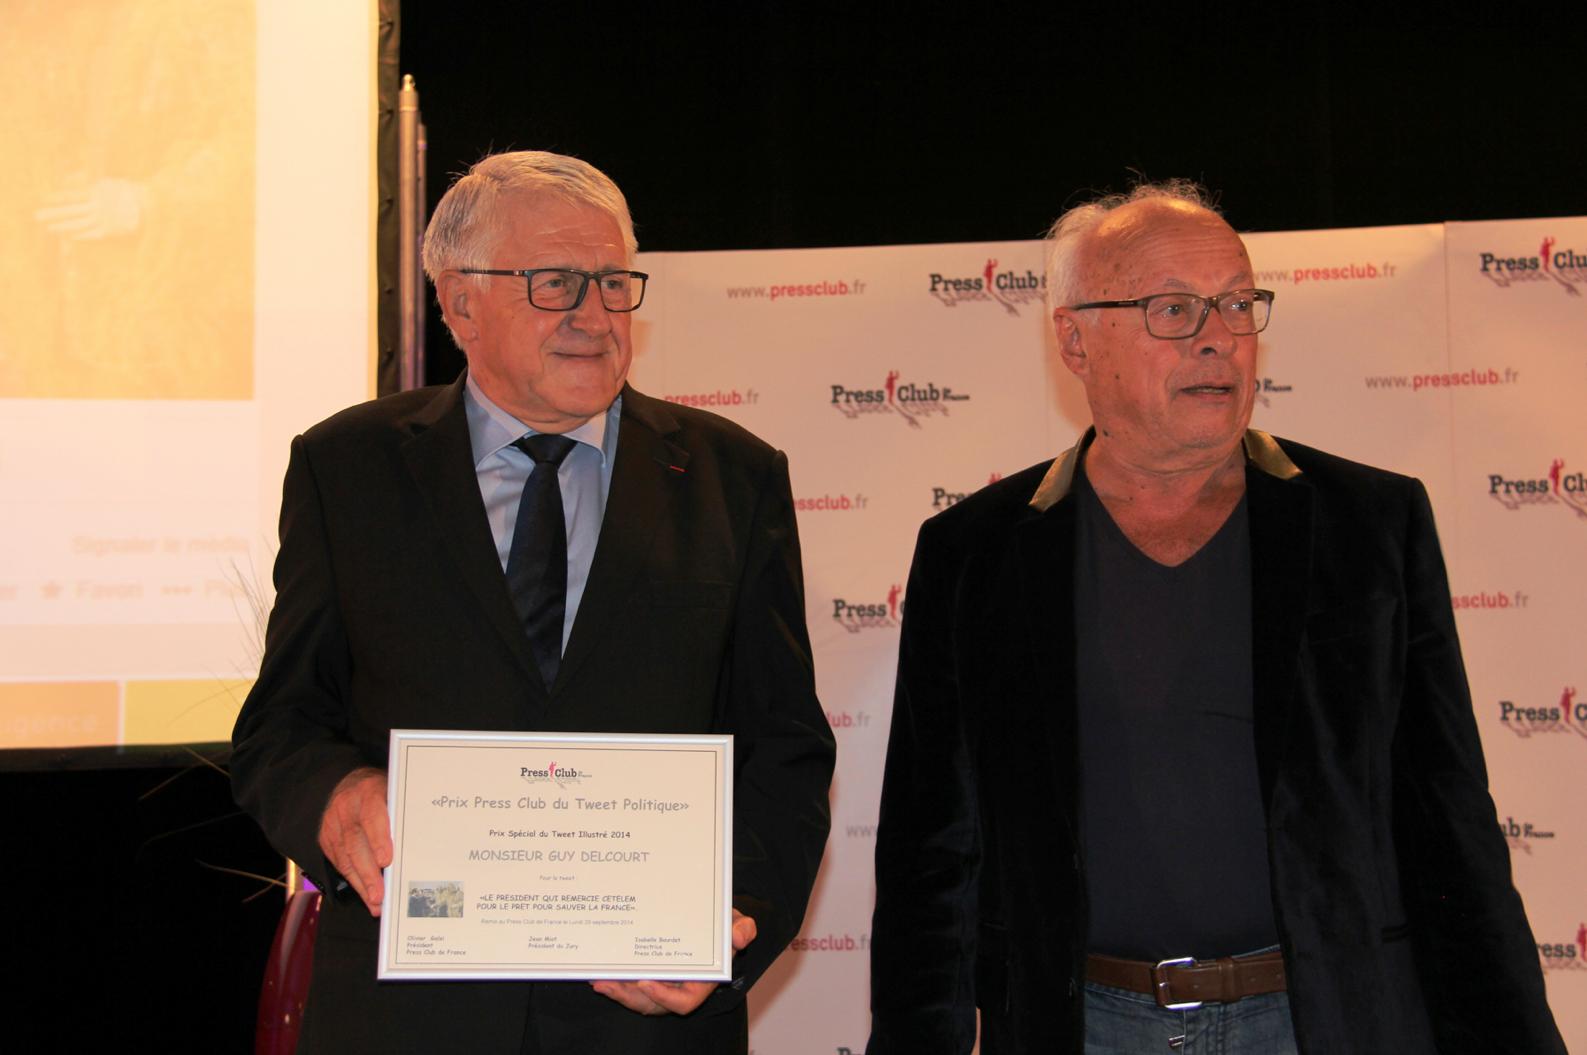 Le Député Guy Delcourt et André Bercoff